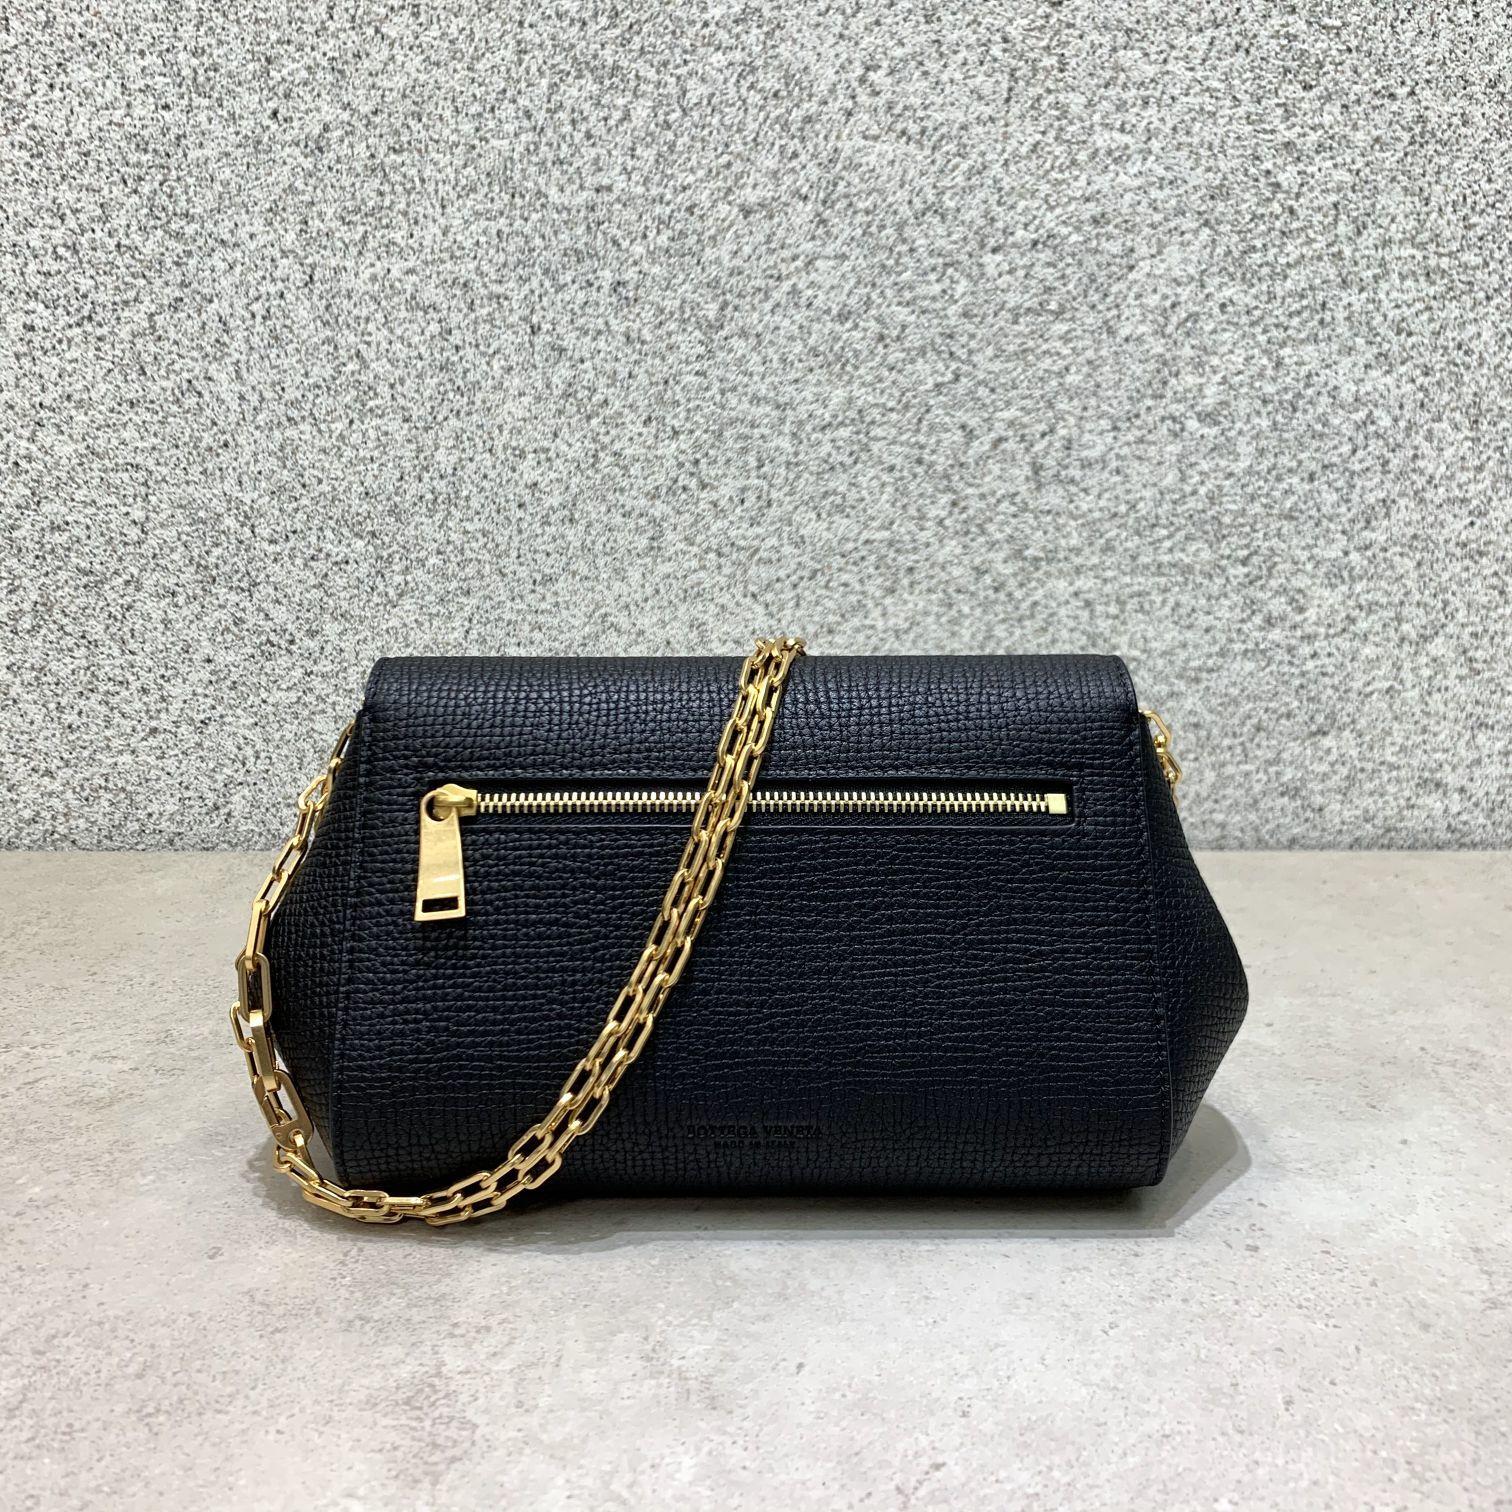 BV Angle bag 新款mini Bottega Venetaangle bag系列(图8)